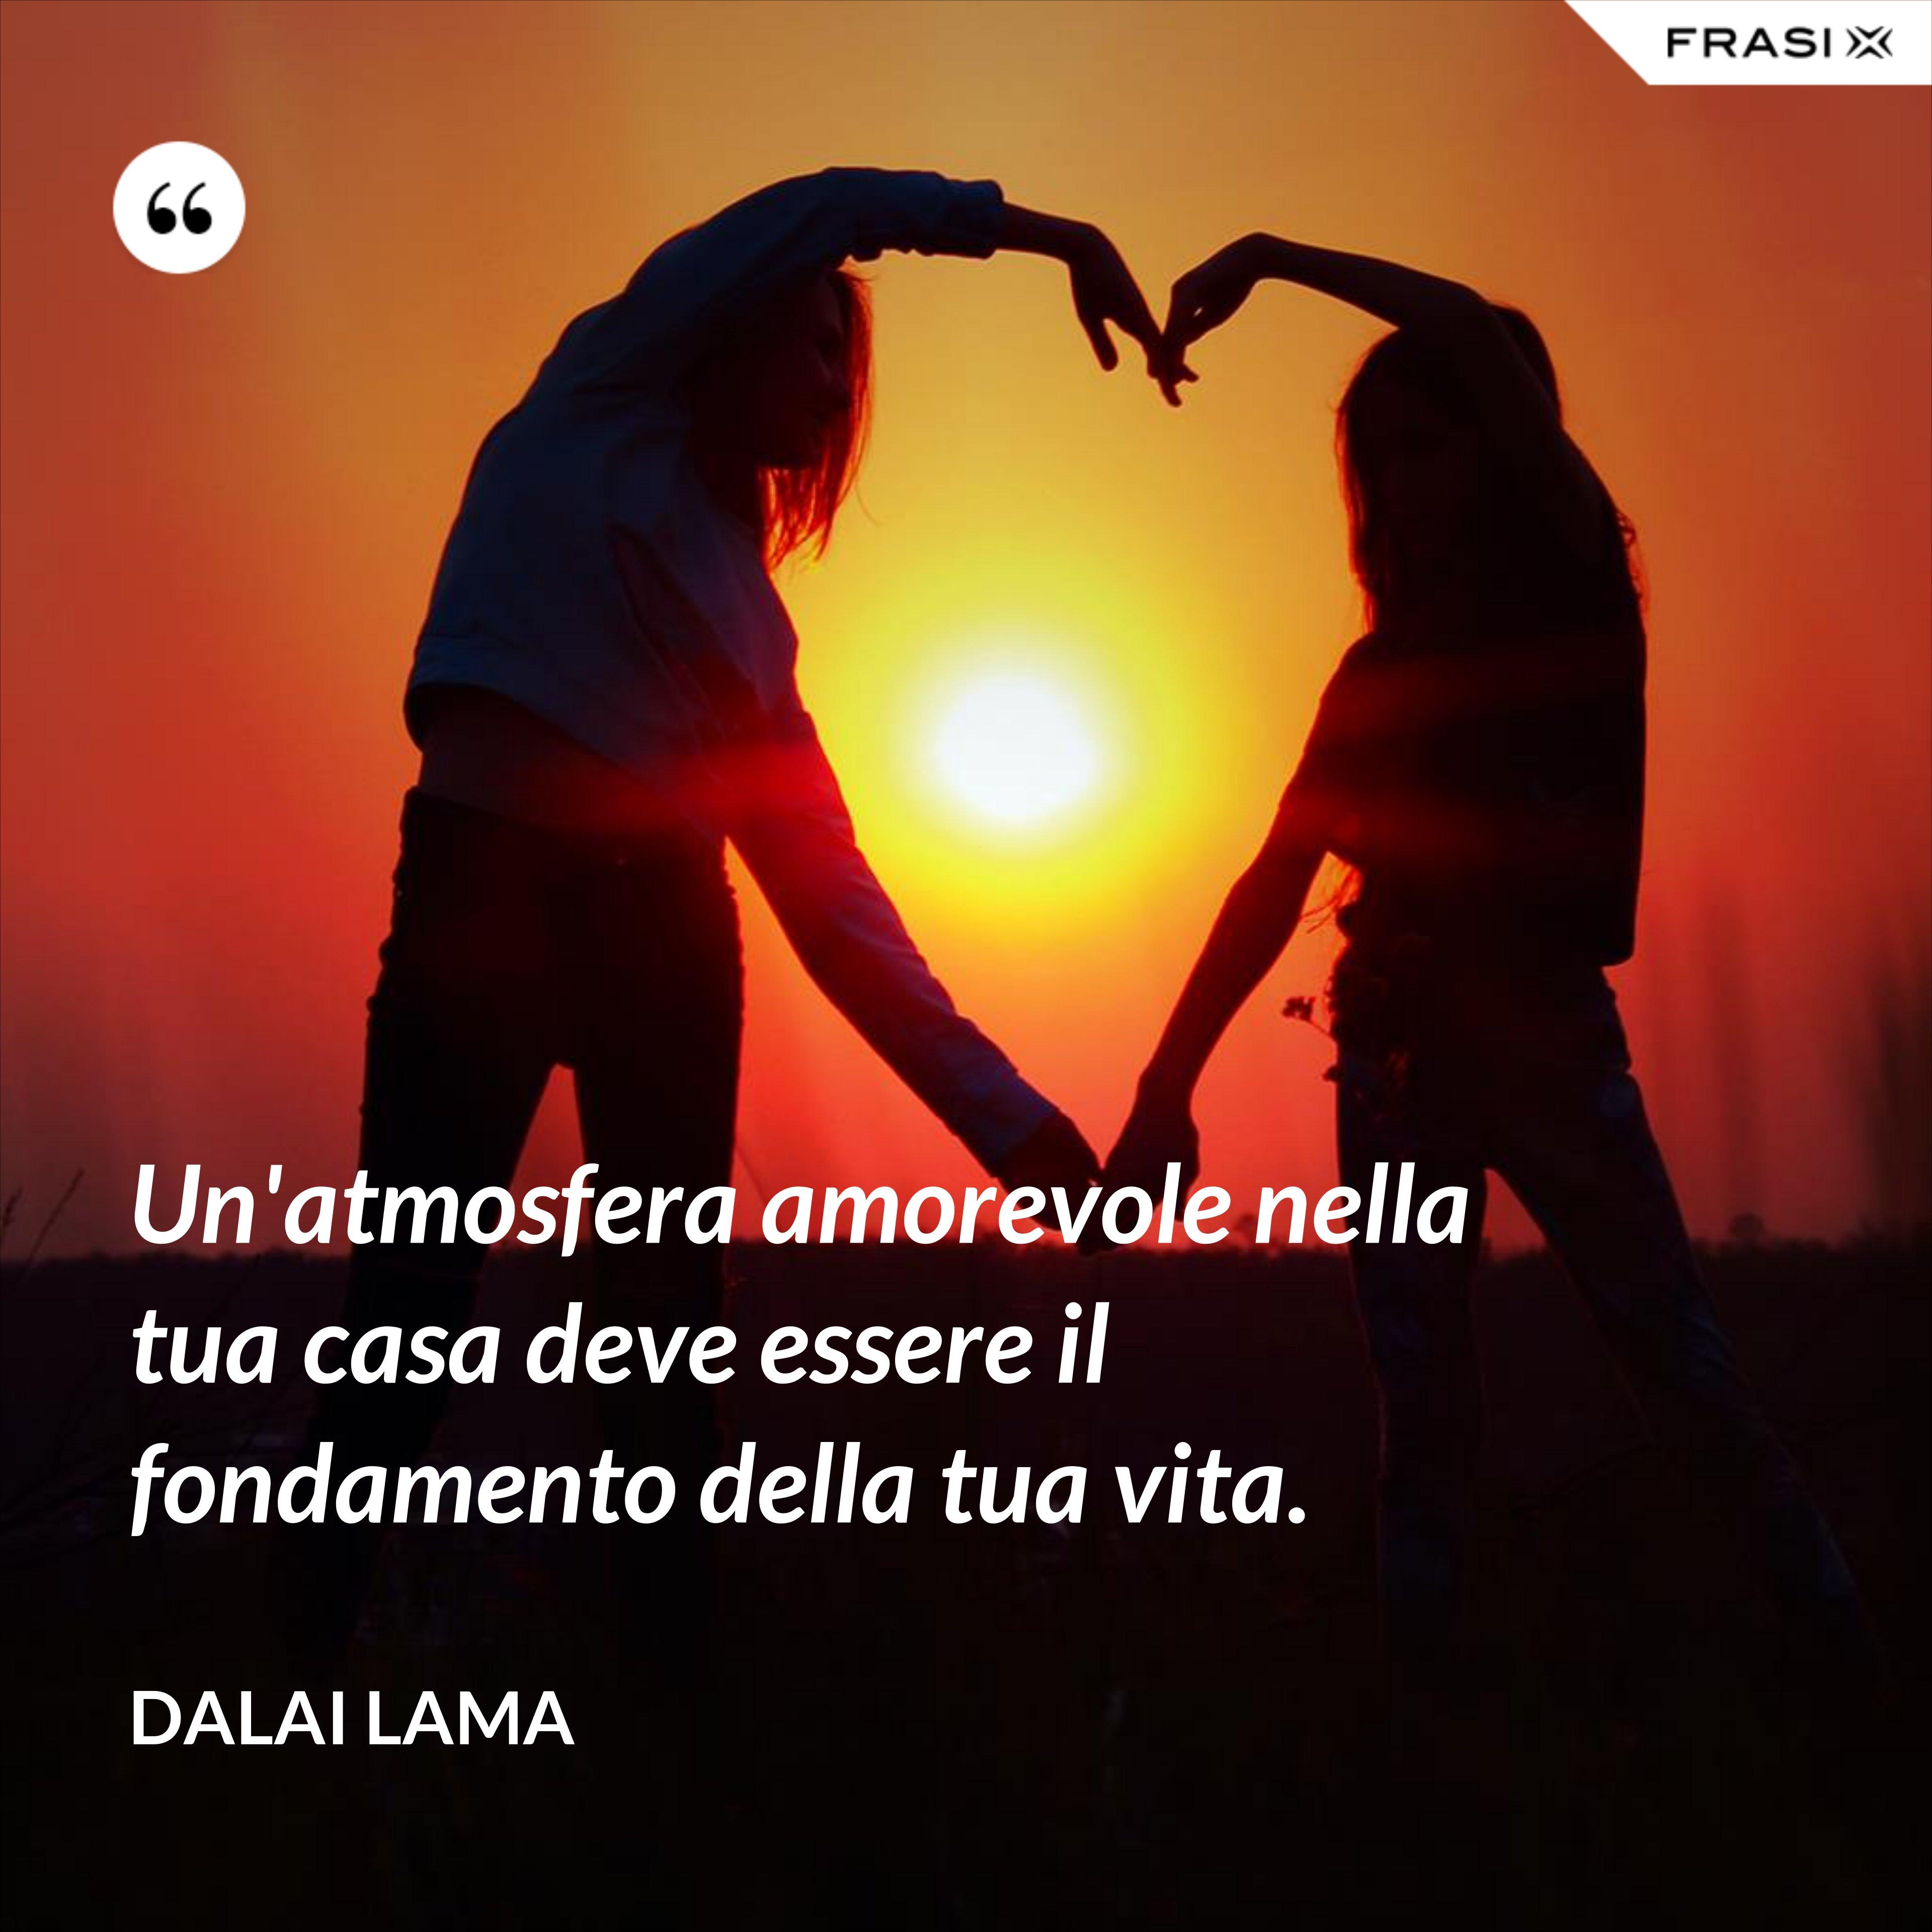 Un'atmosfera amorevole nella tua casa deve essere il fondamento della tua vita. - Dalai Lama